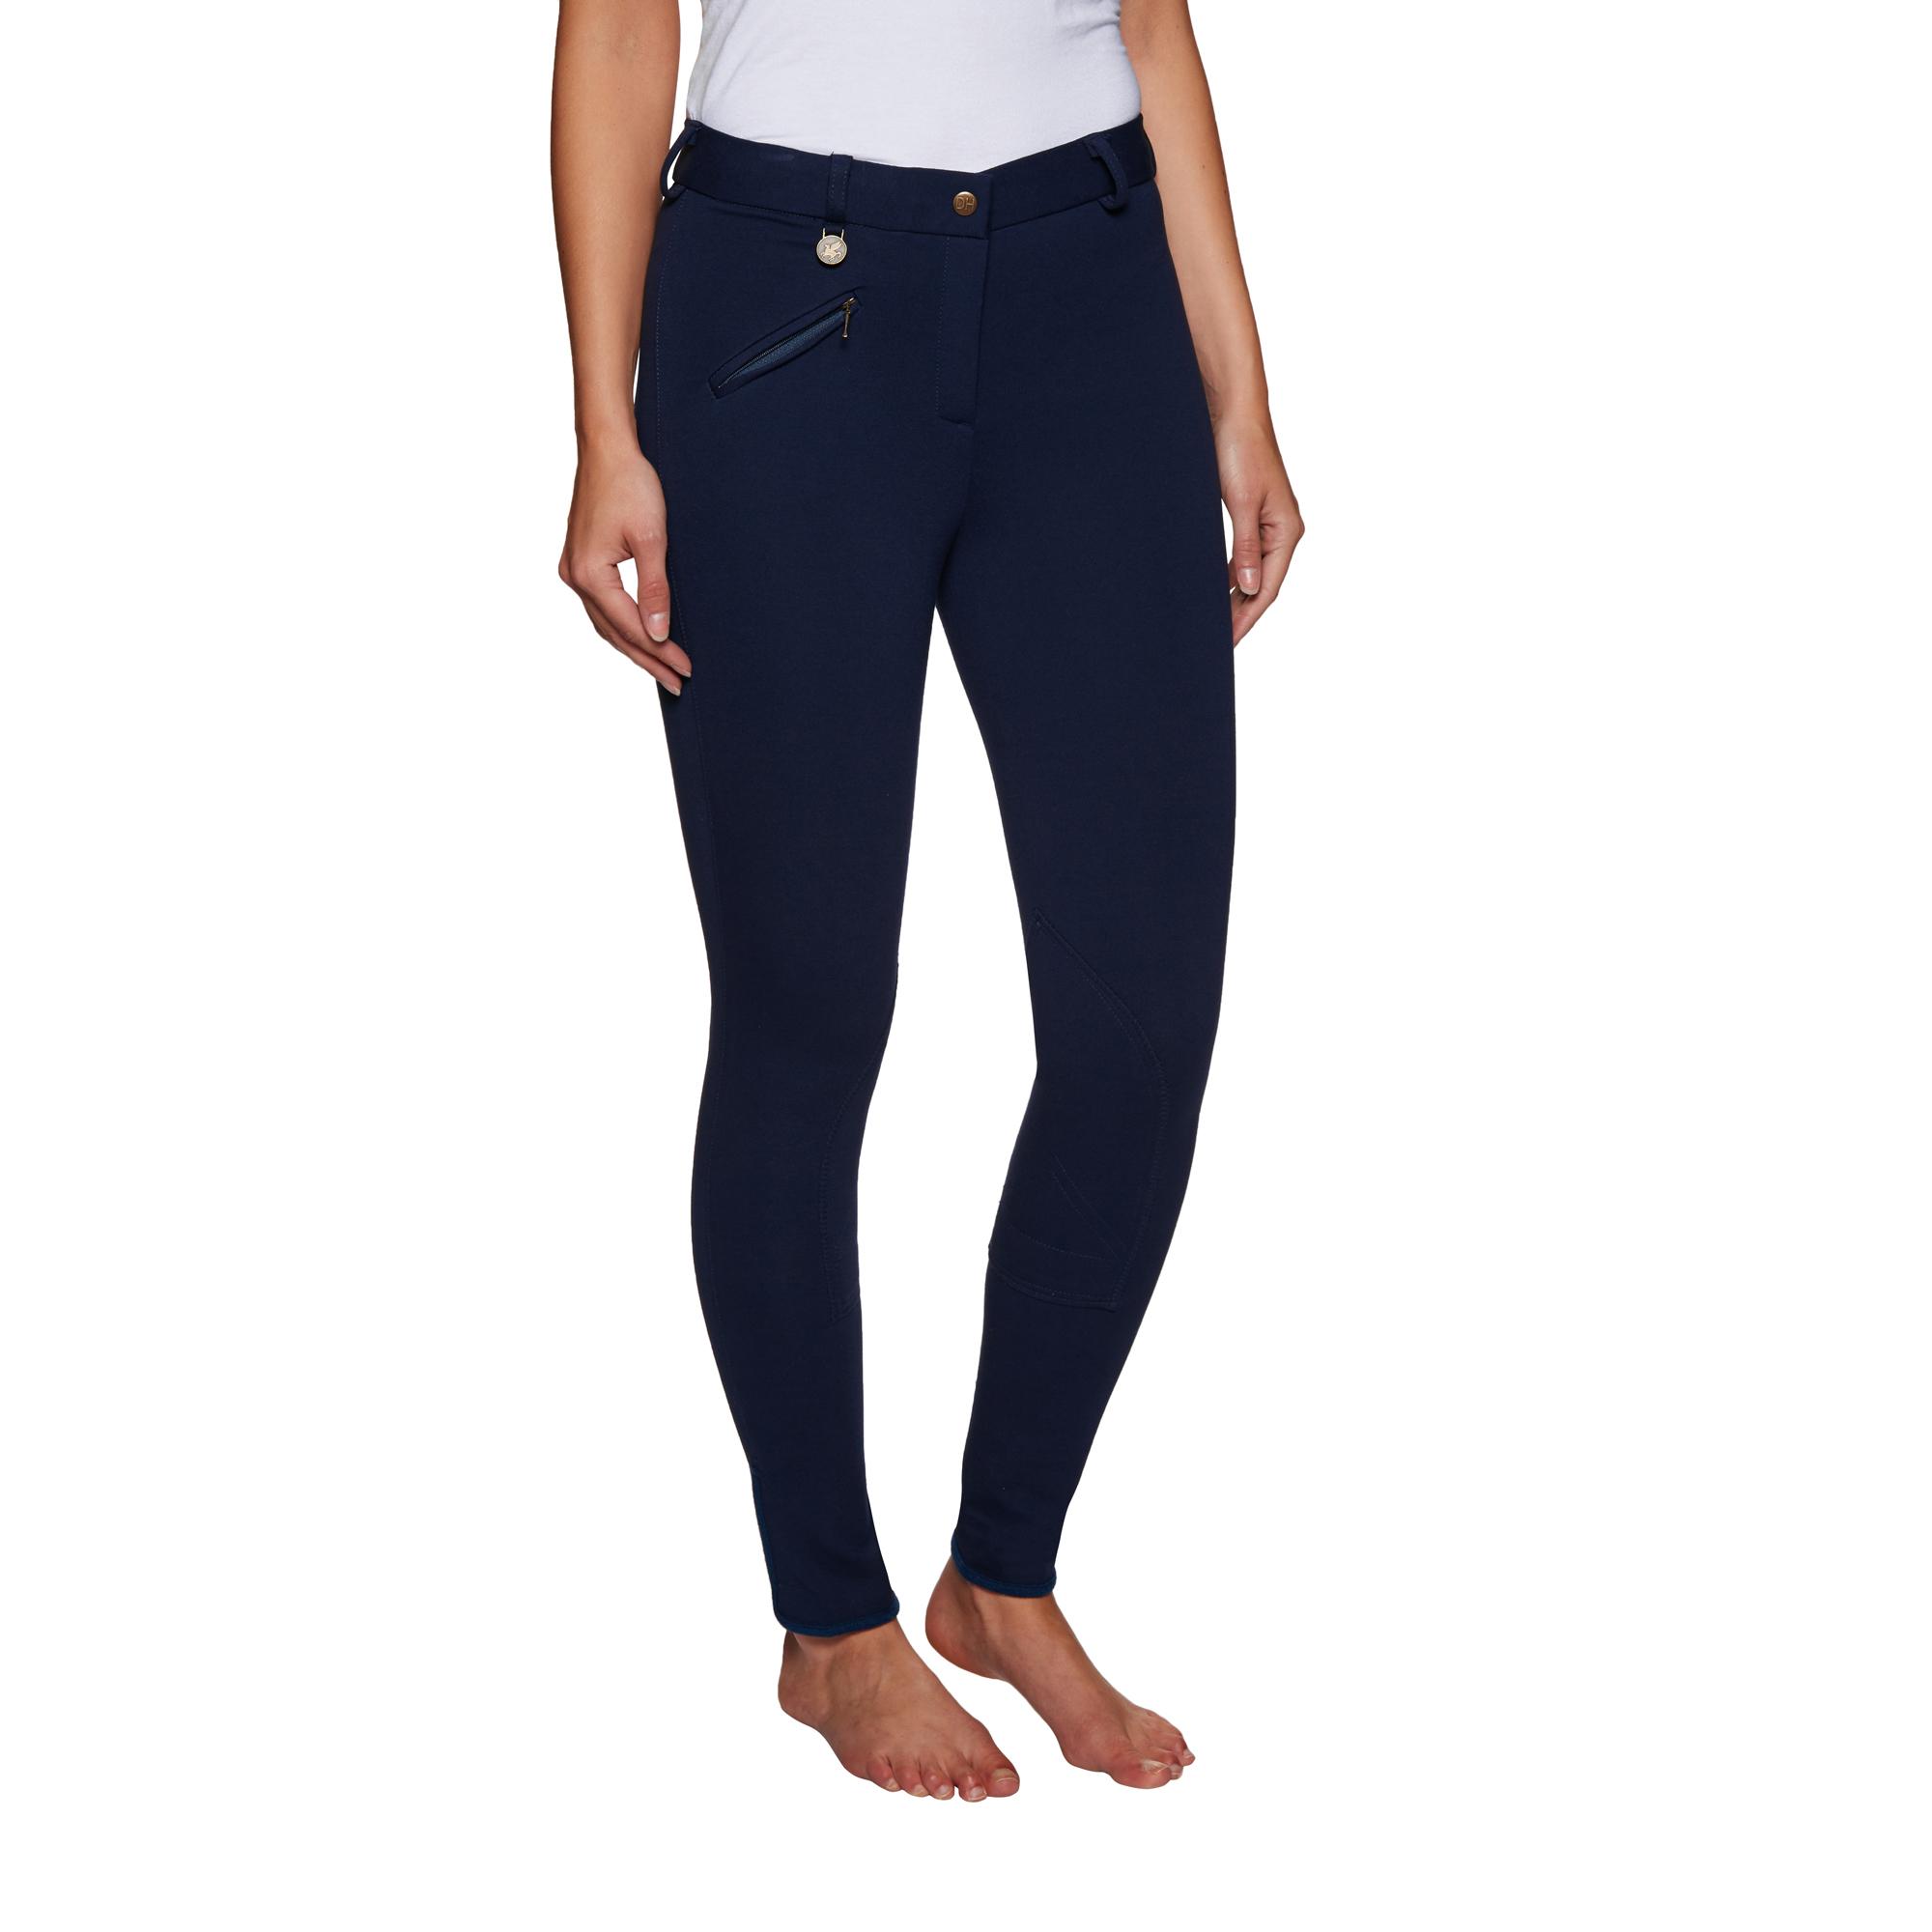 Firefoot Farsley Collant Bum Femme Pantalon D/'équitation Culotte-Bleu Marine Toutes Les Tailles